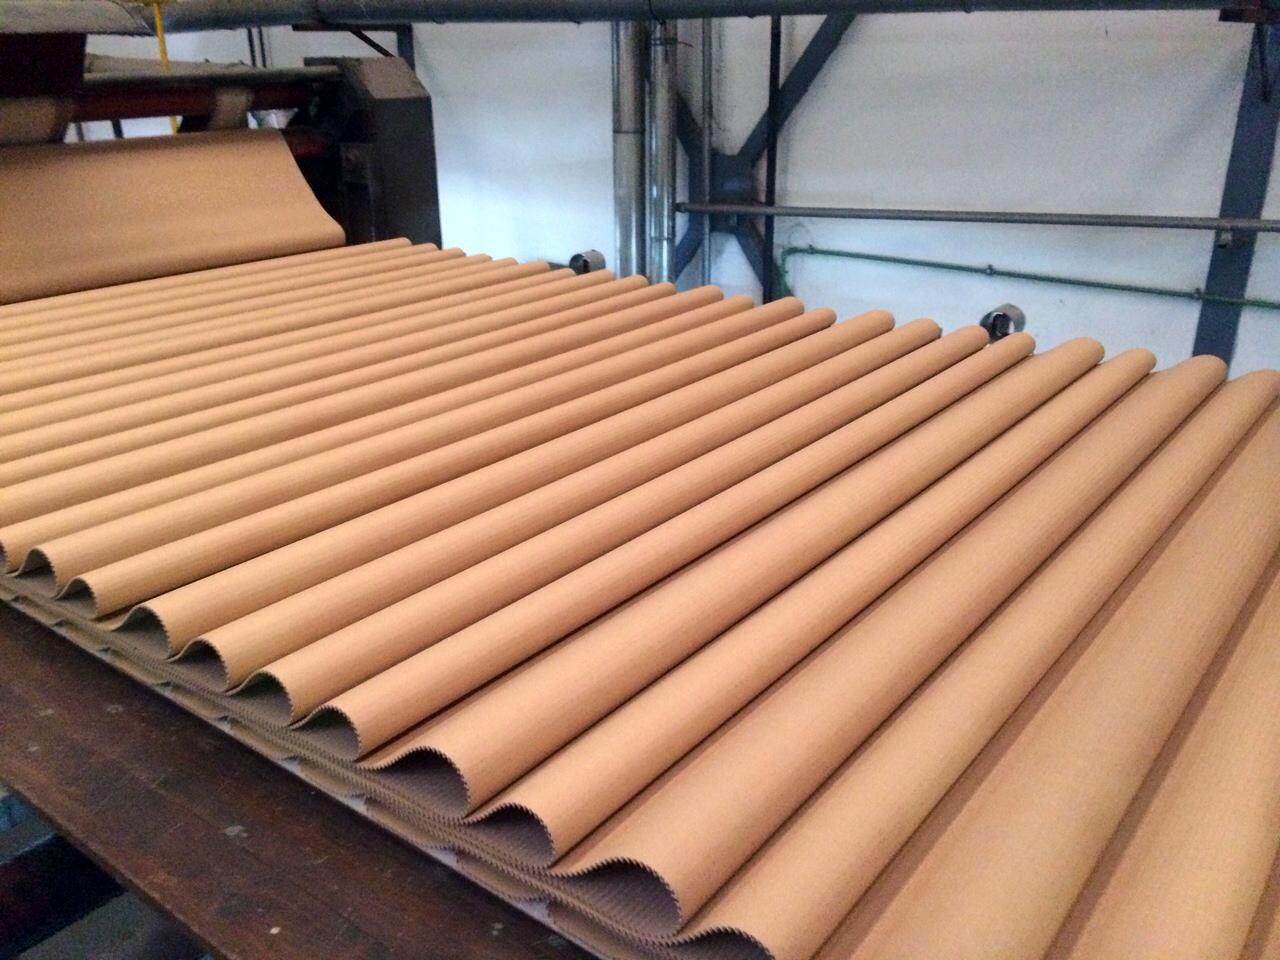 España se consolida como el cuarto país europeo en producción de cartón ondulado